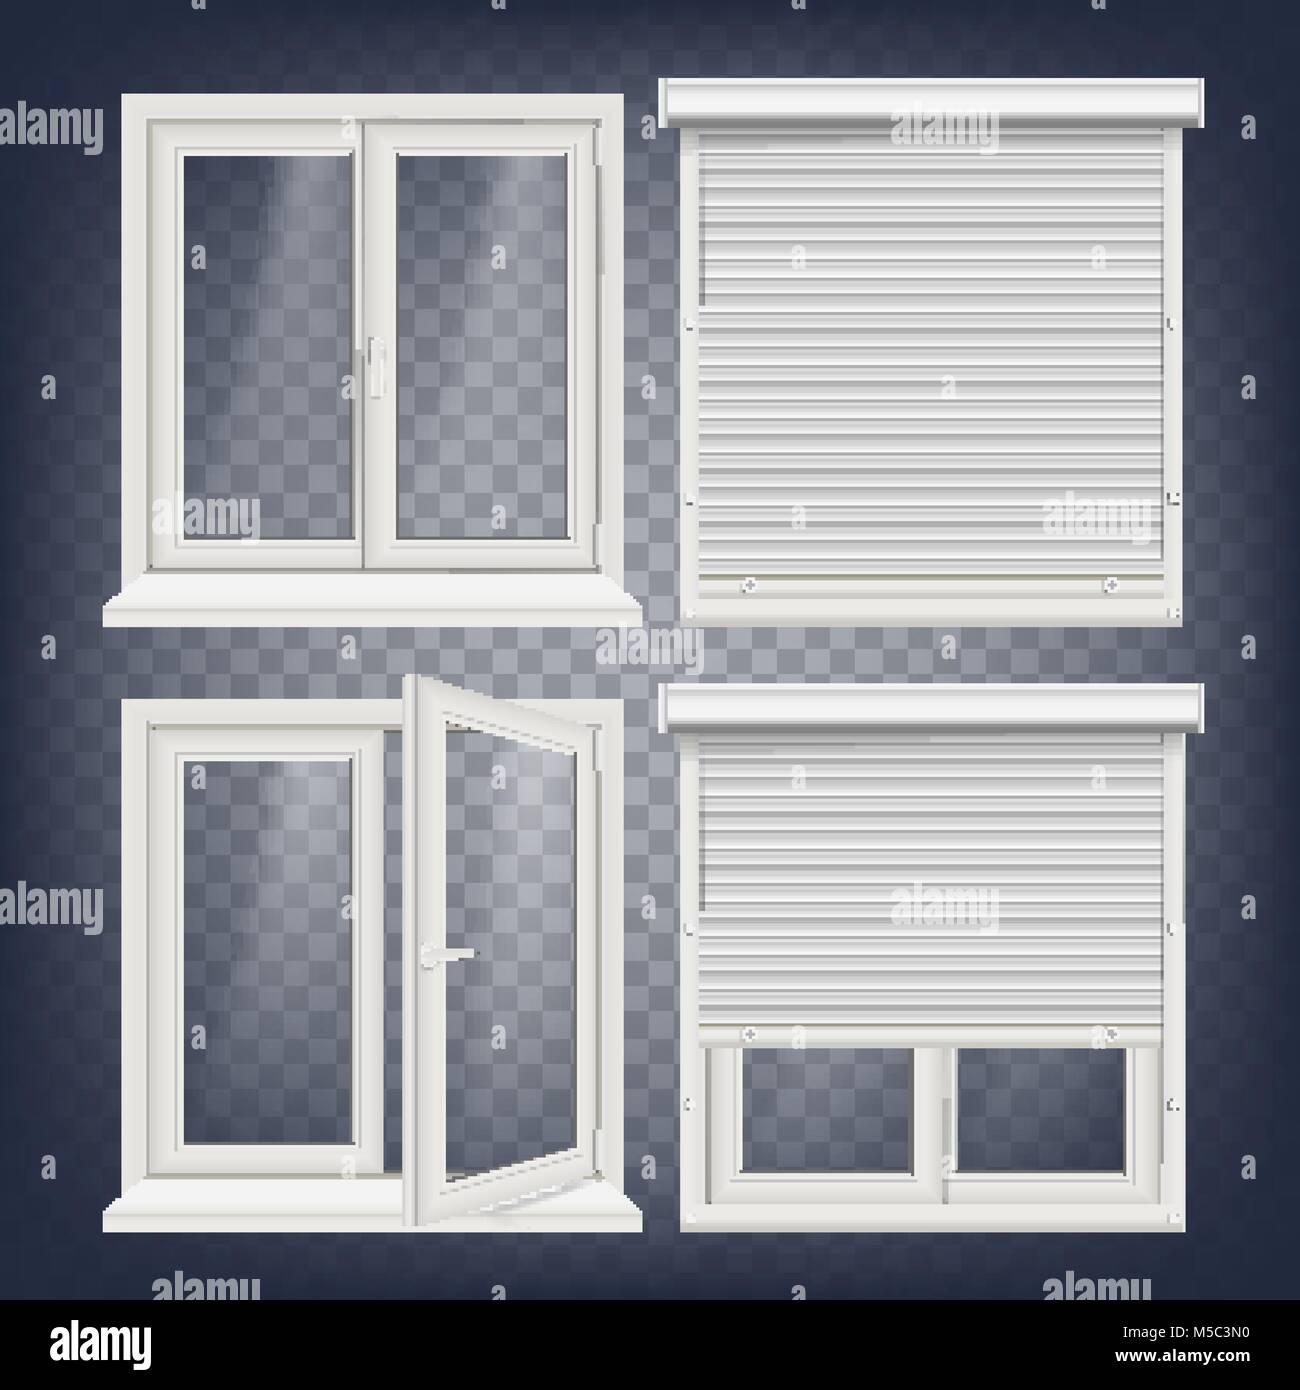 Kunststoff Fenster Vektor. White Metallic Rollladen. PVC-Fenster ...